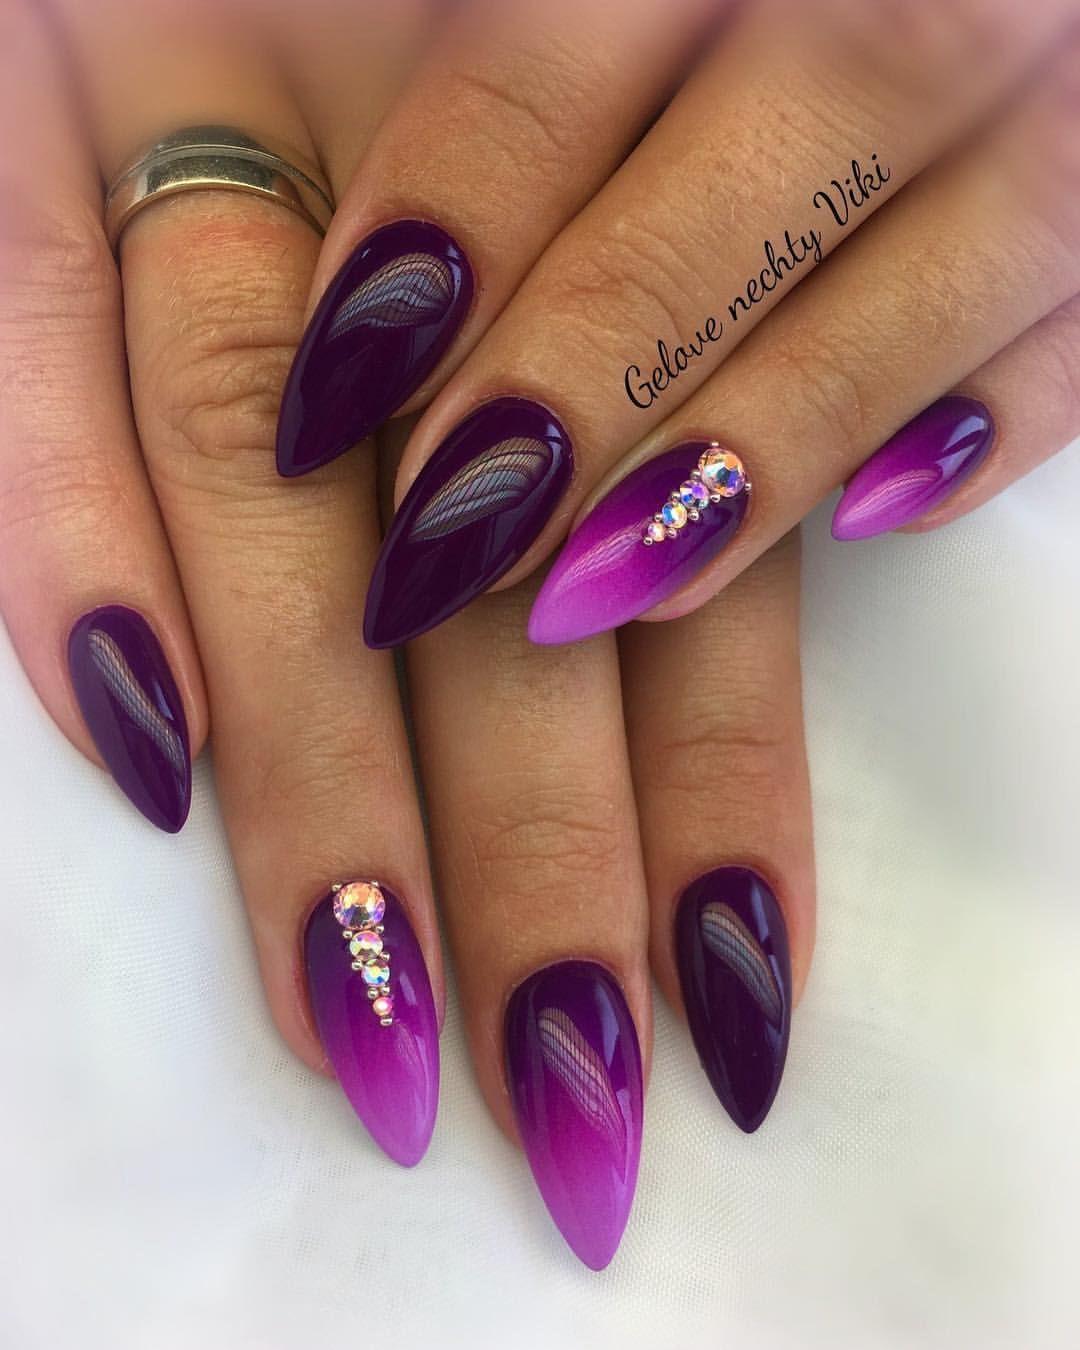 Nailartoohlala Nailsart Ombrenail Nails Almondnails Ombre Nails Long Acrylic Nails Purple Nails